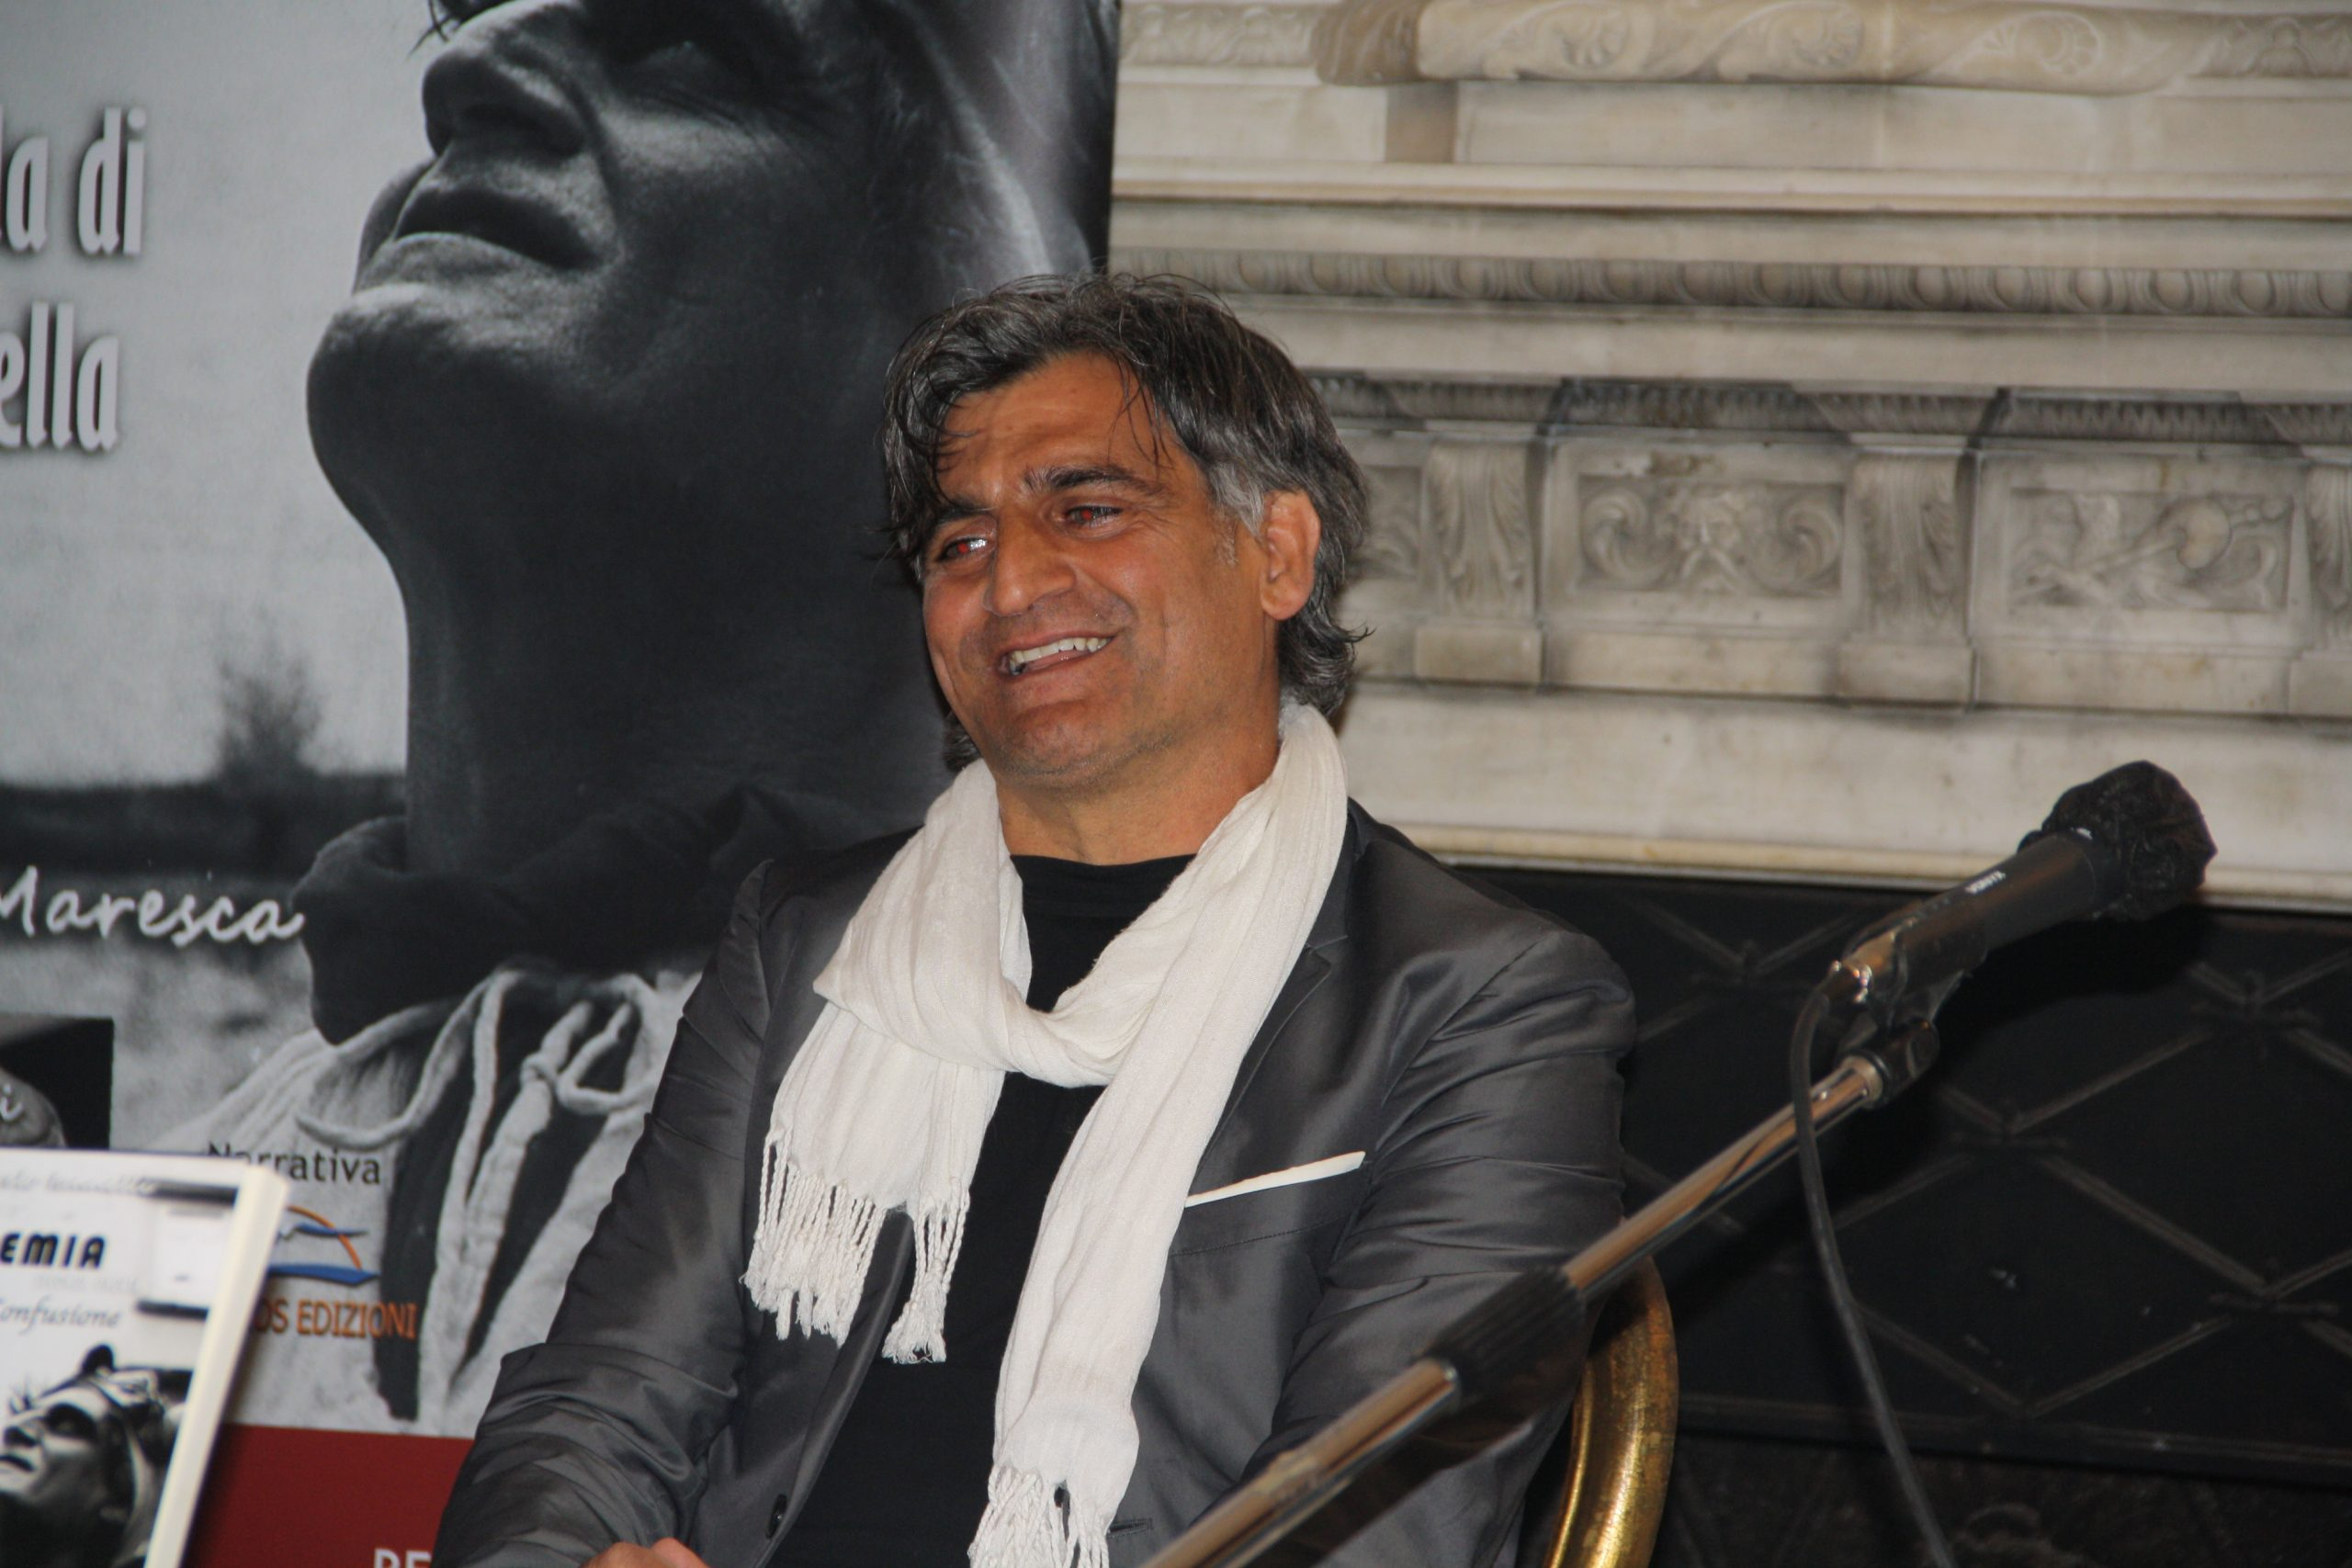 Il King del Sorriso Angelo Iannelli festeggia sui social i suoi 50 anni